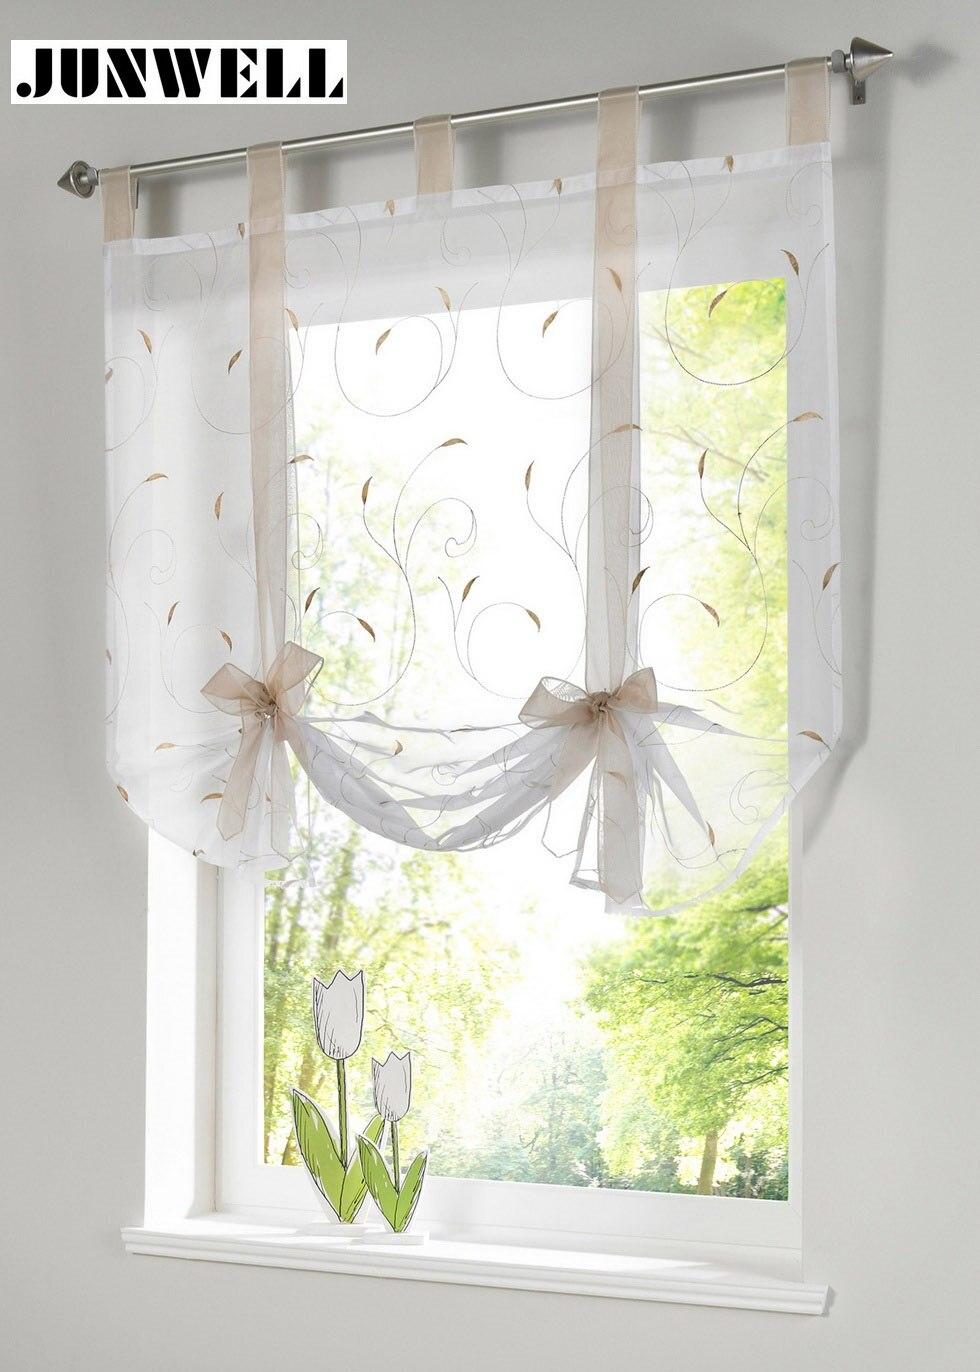 Store romain Européenne broderie style cravate up fenêtre rideau cuisine rideau voilage tab top fenêtre marque rideaux cortinas